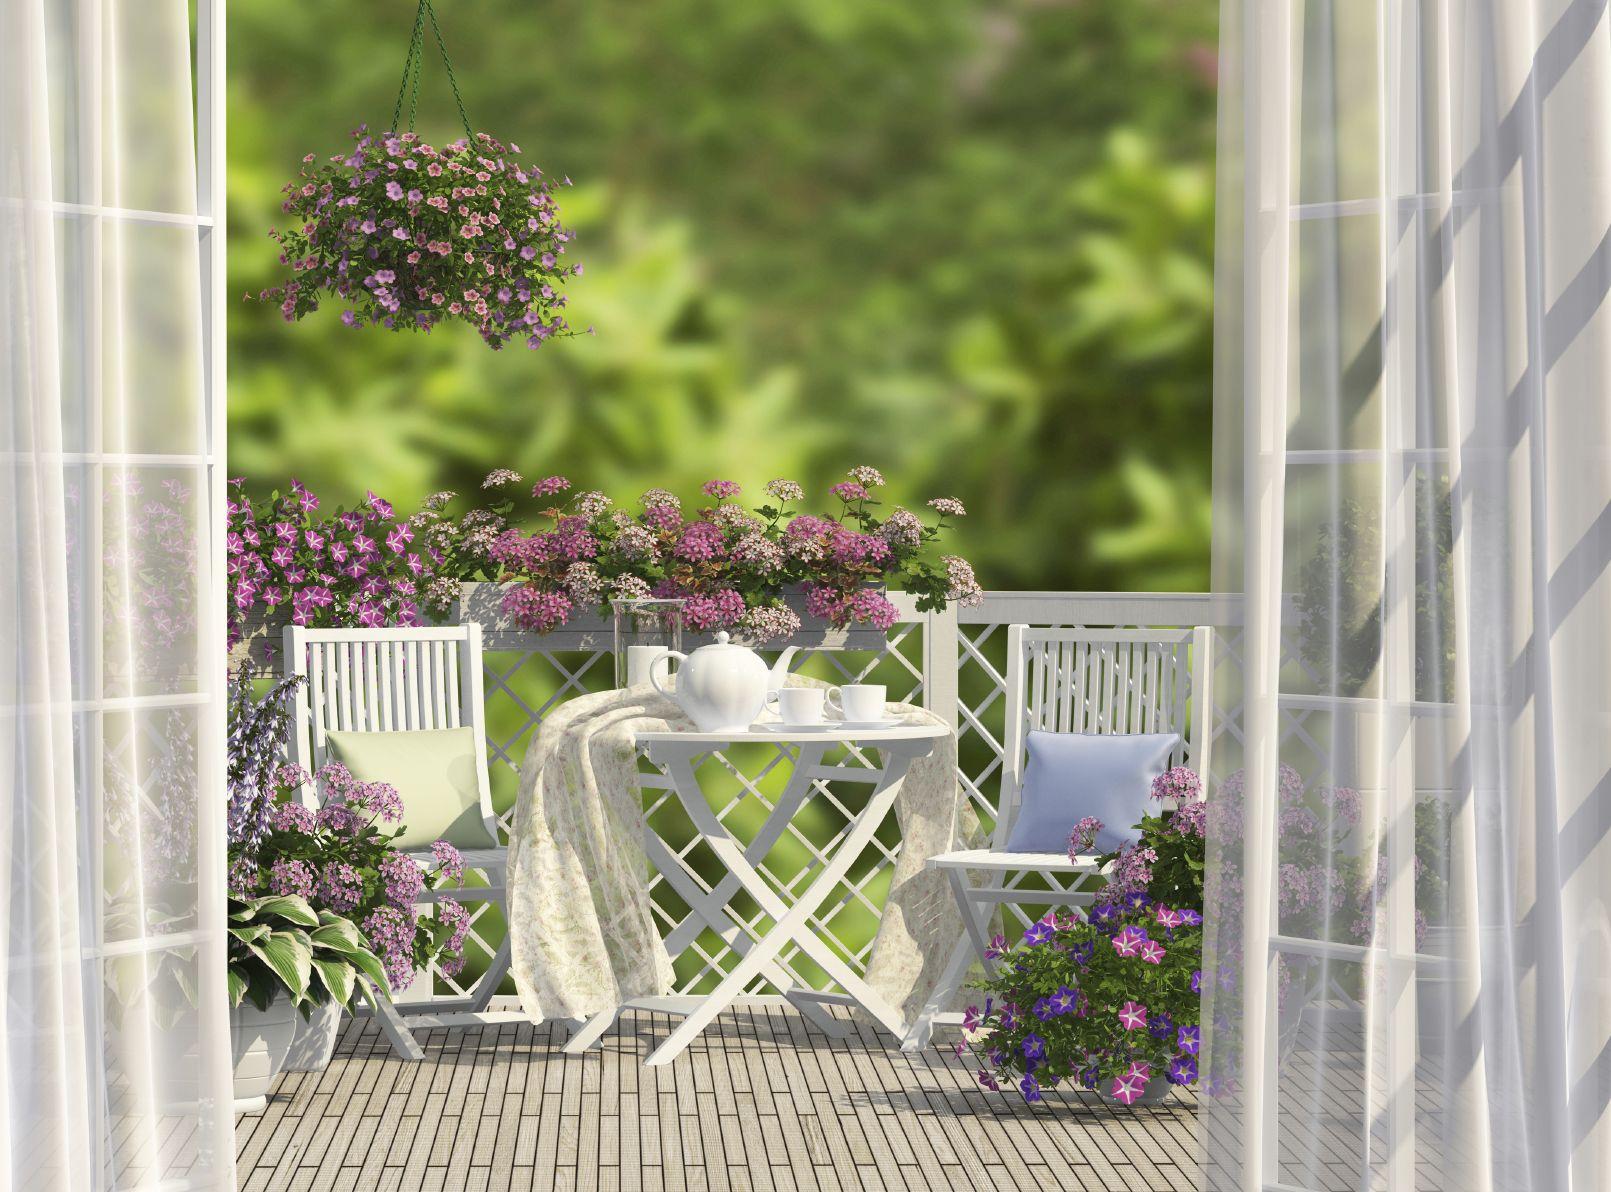 Arredo Balconi E Terrazze giardino - terrazze e balconi trasformati in oasi di verde